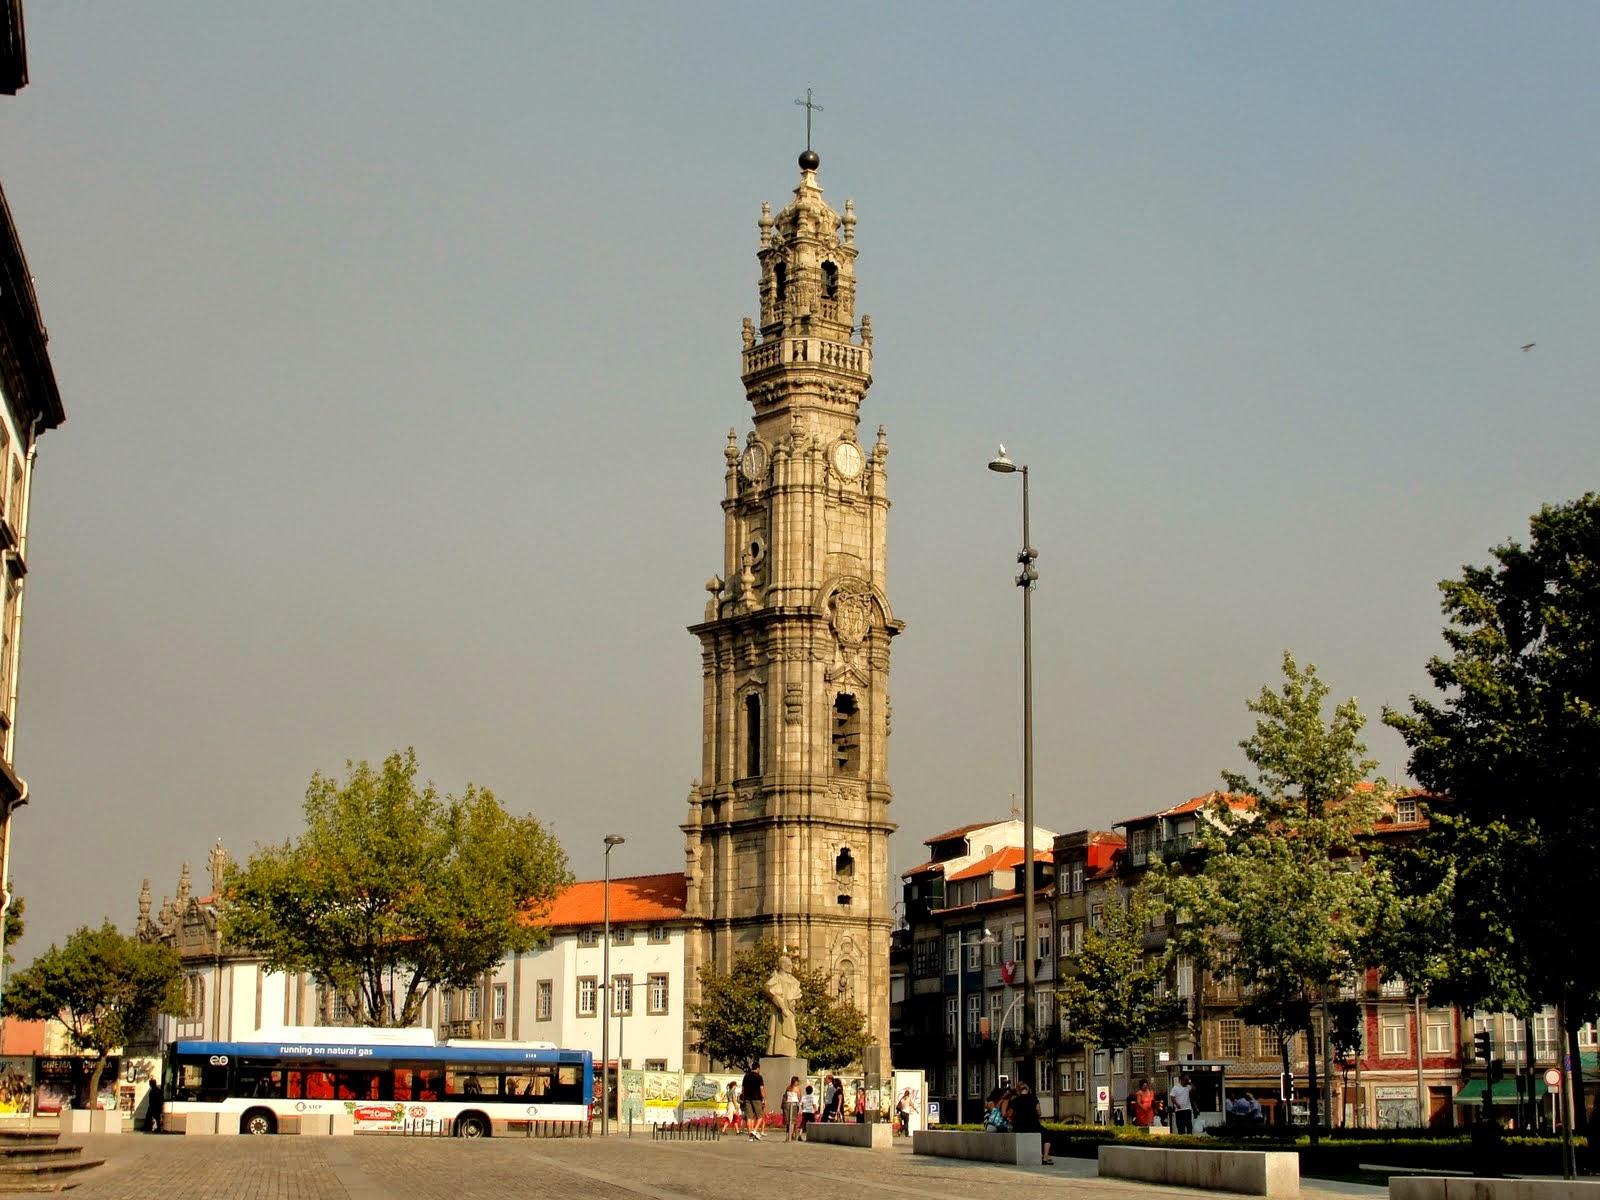 Clérigos Tower, Portugal